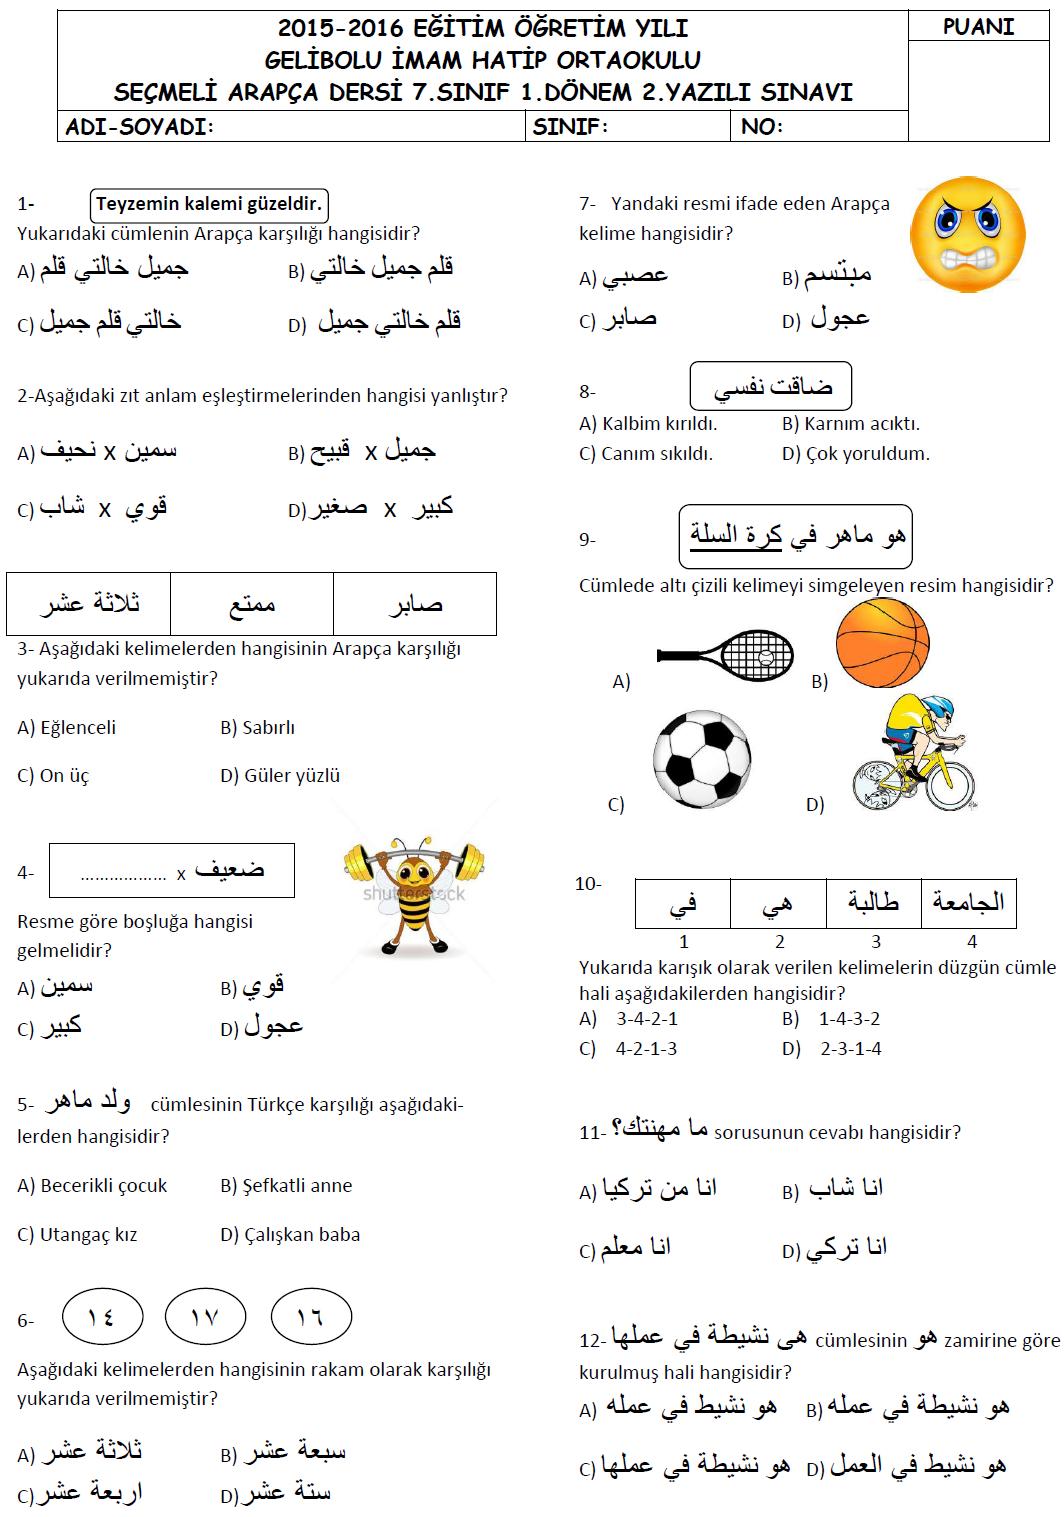 Imam Hatip 7sınıf Arapça 1 Dönem 2 Yazılı Sınavı Soruları